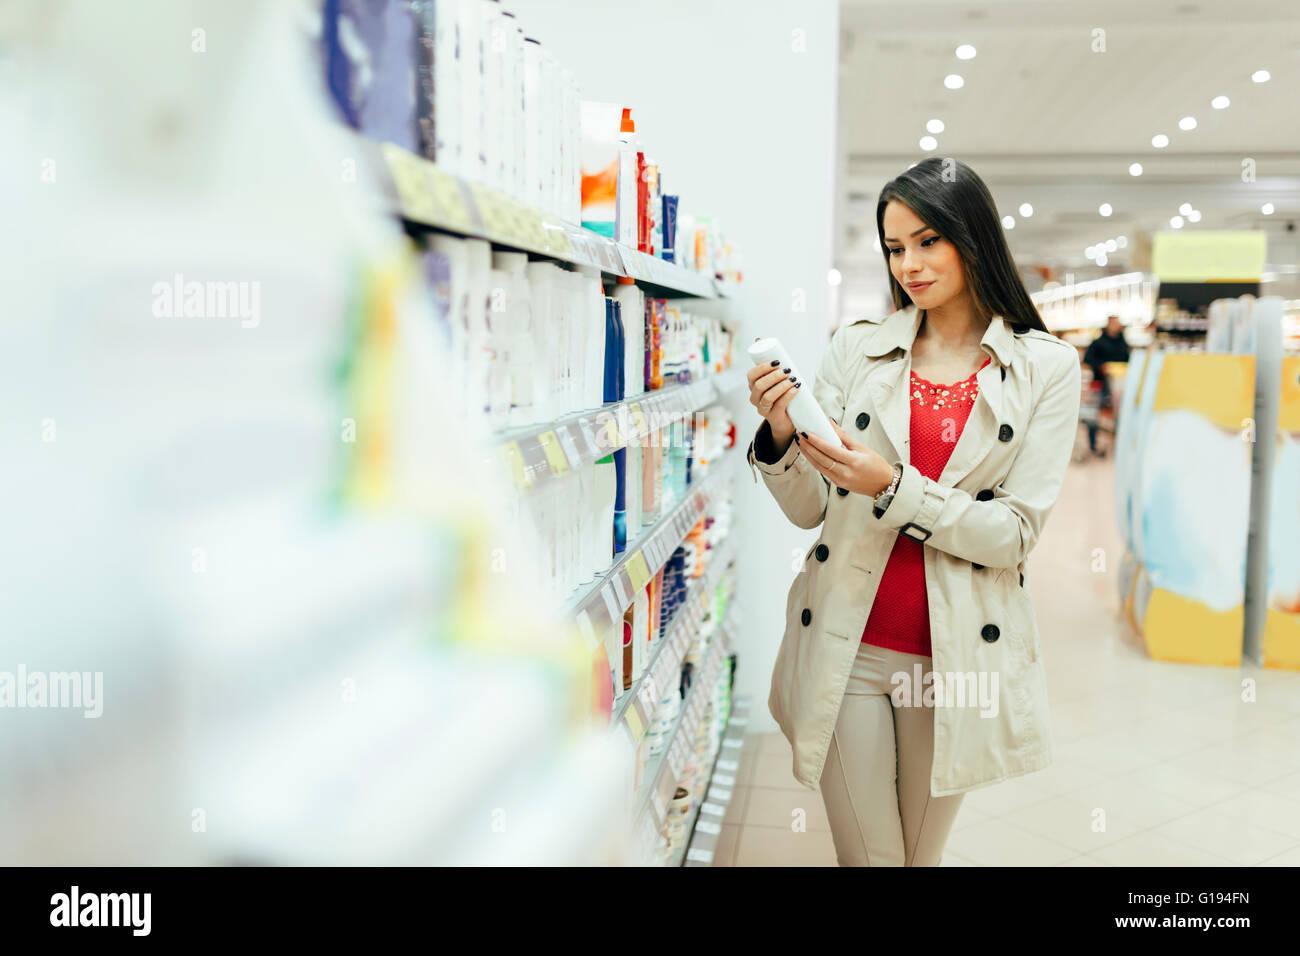 Hermosa mujer de comprar productos para el cuidado corporal en el supermercado Imagen De Stock